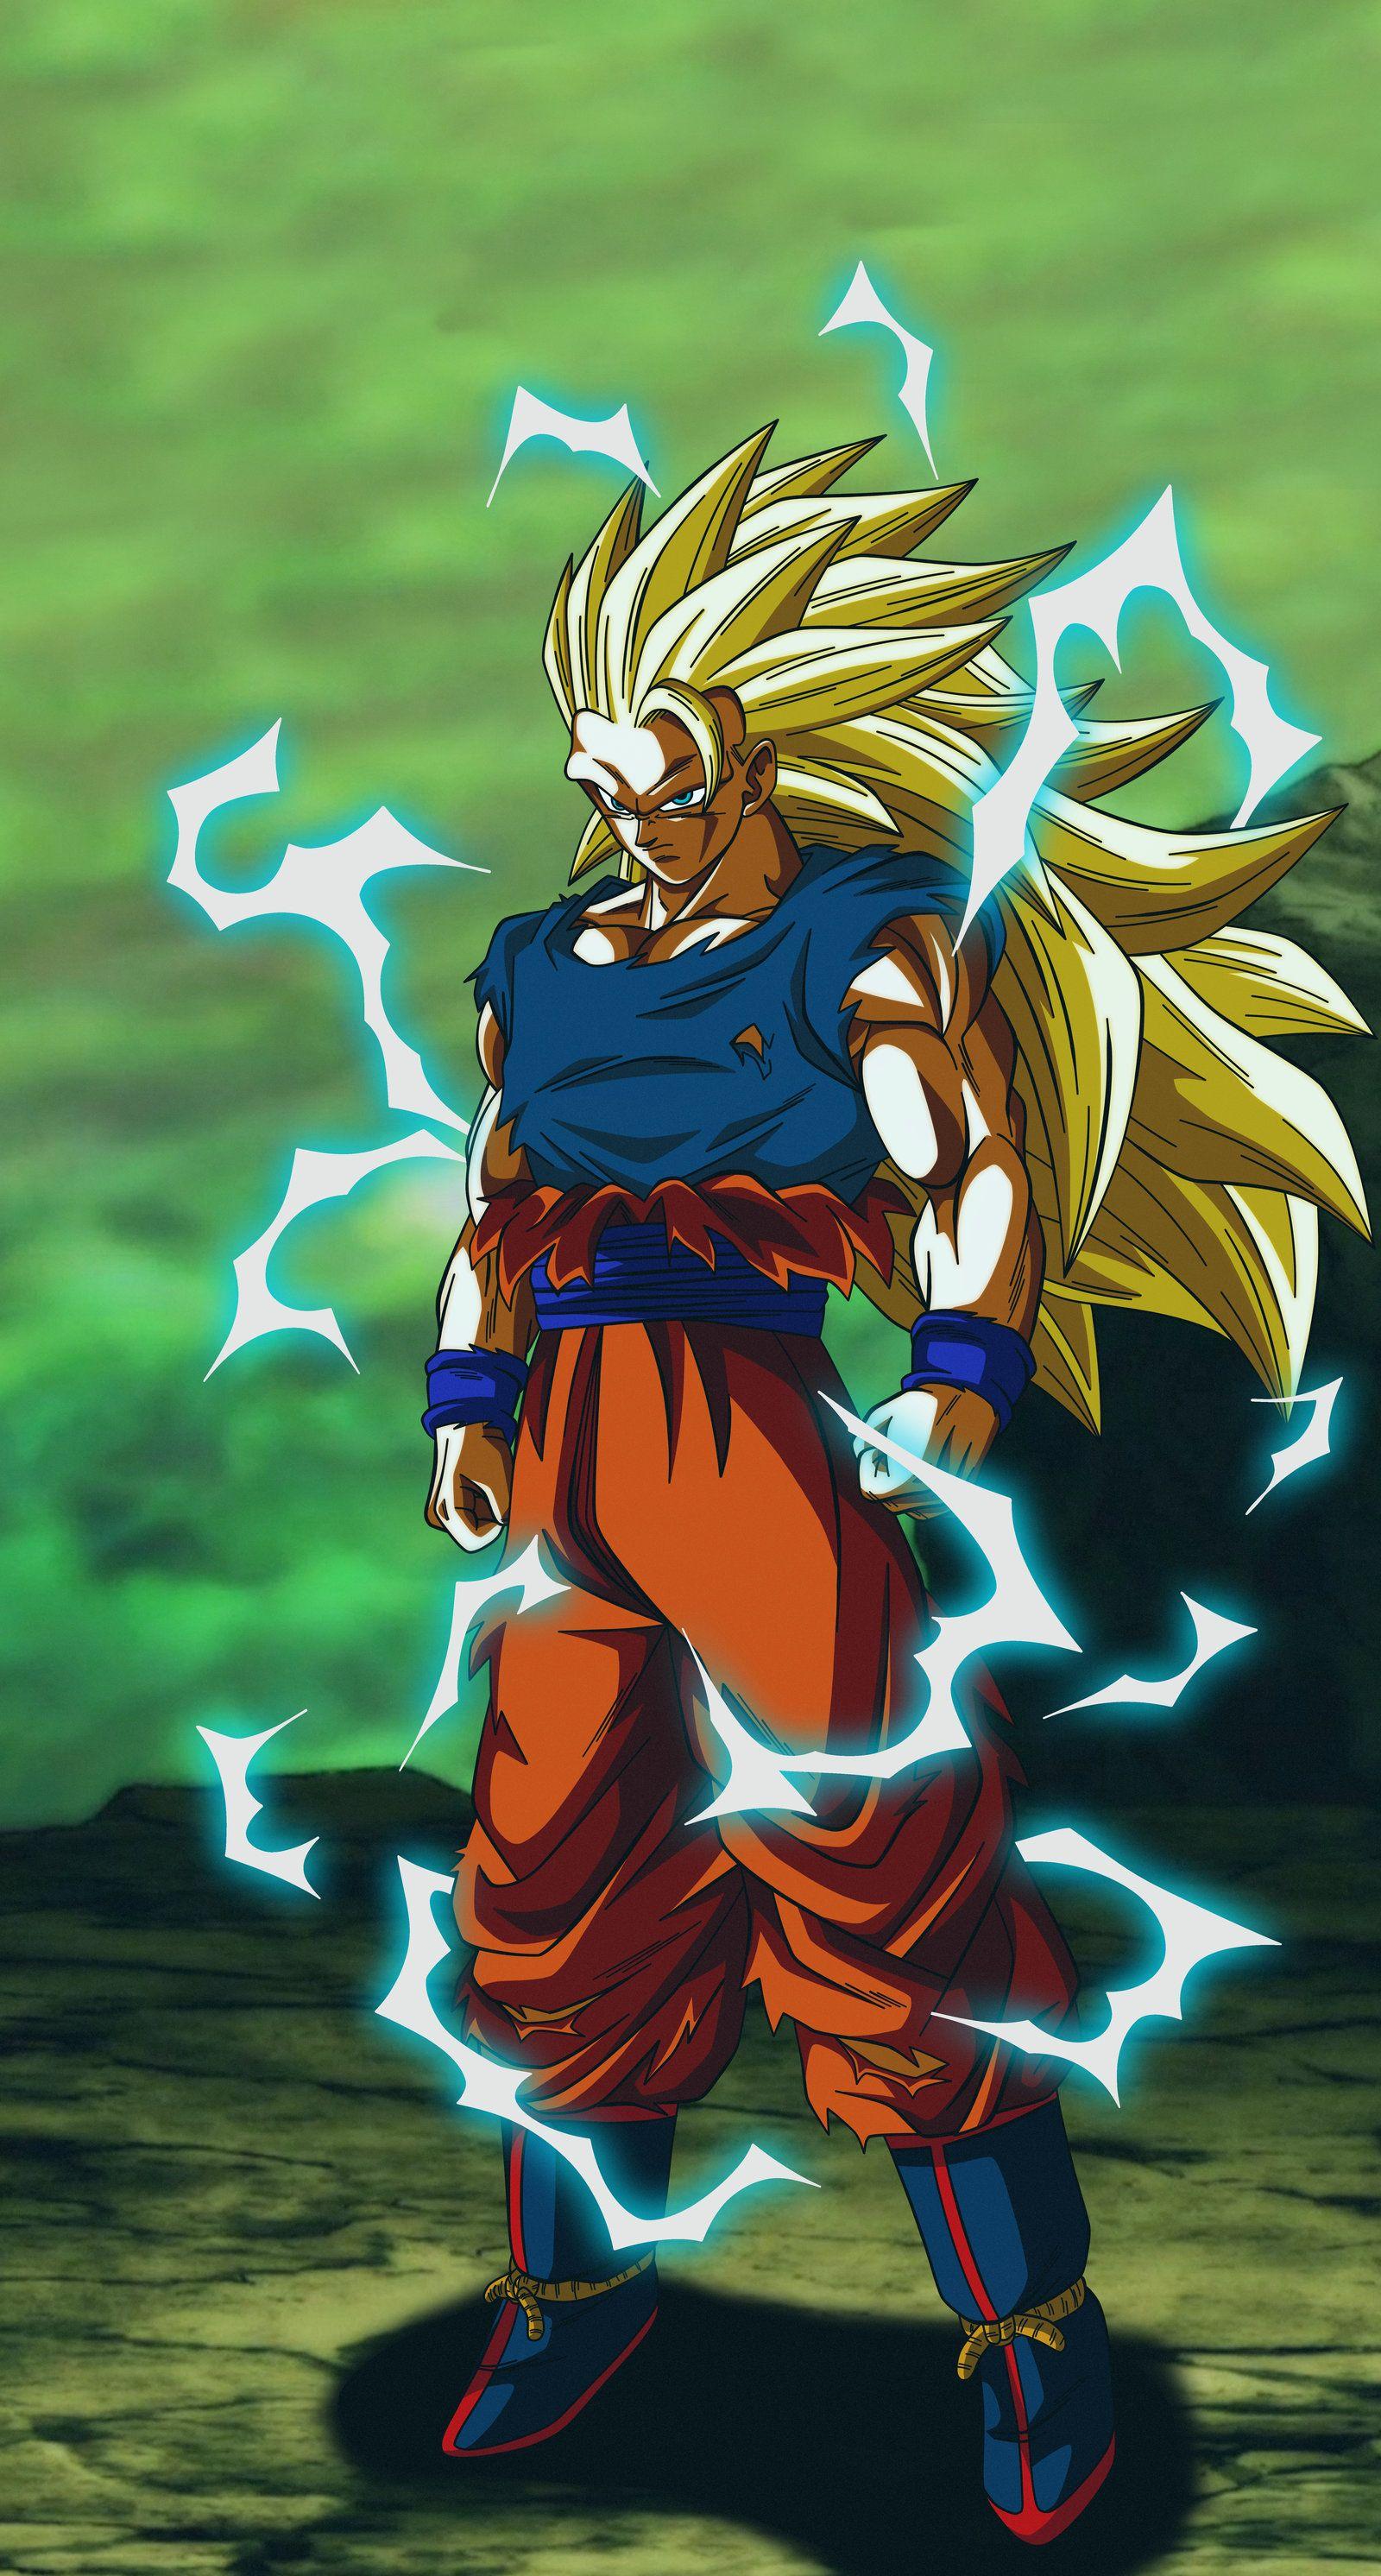 Goku Super Saiyan 3 Tournament By Maddness1001 Anime Dragon Ball Super Dragon Ball Super Goku Anime Dragon Ball